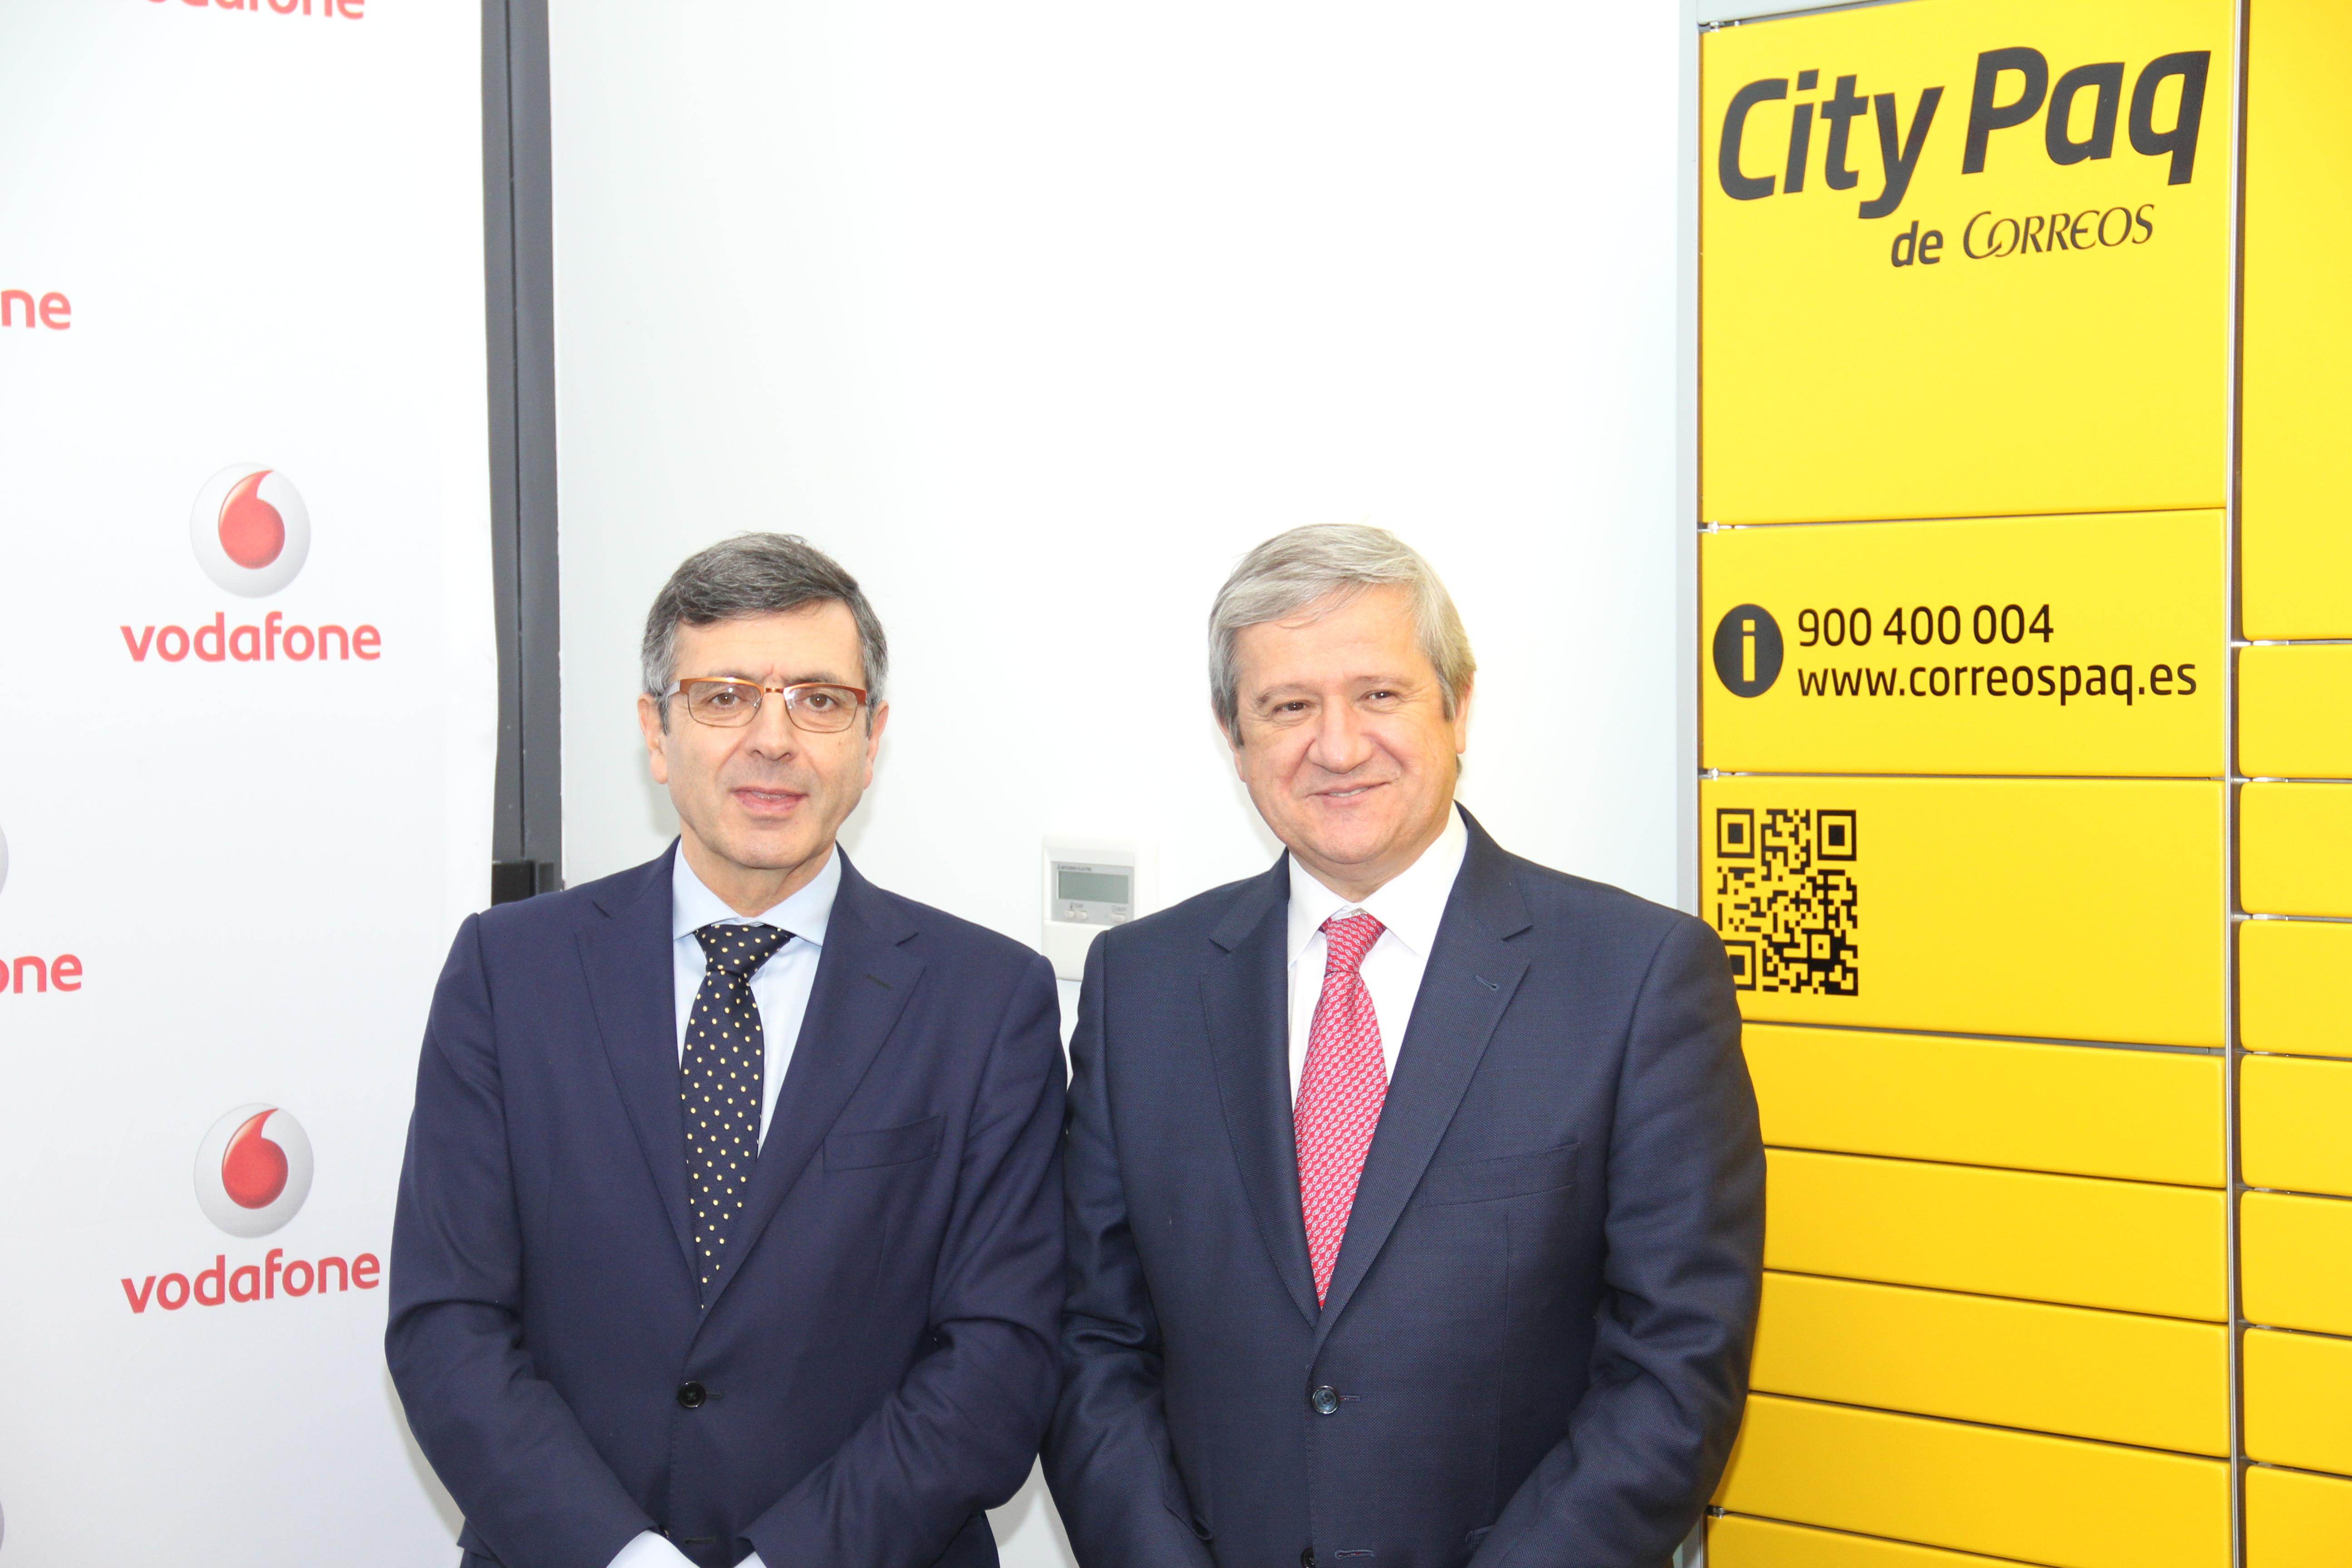 Correos instalará los terminales 'CityPaq'  en las sedes de Vodafone